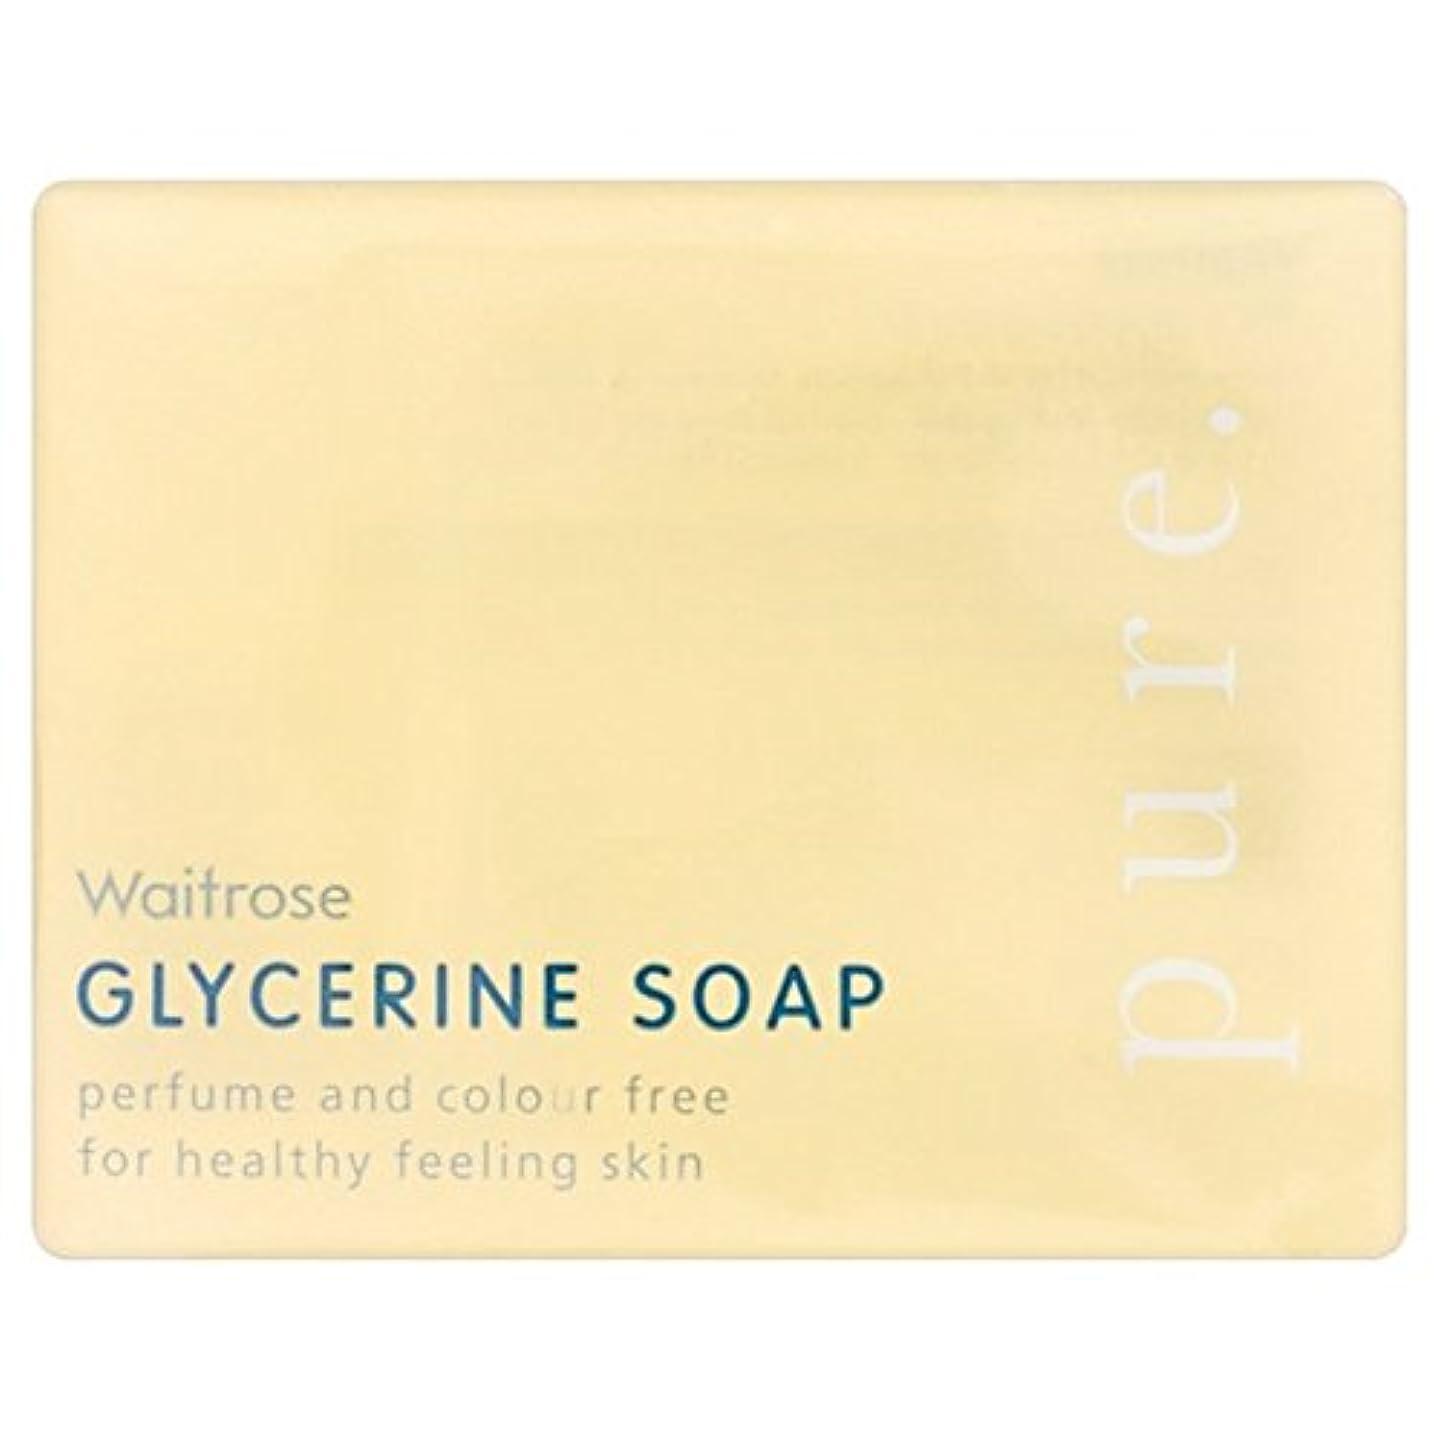 ばかげている接触模索Pure Glycerine Soap Waitrose 100g - 純粋なグリセリンソープウェイトローズの100グラム [並行輸入品]